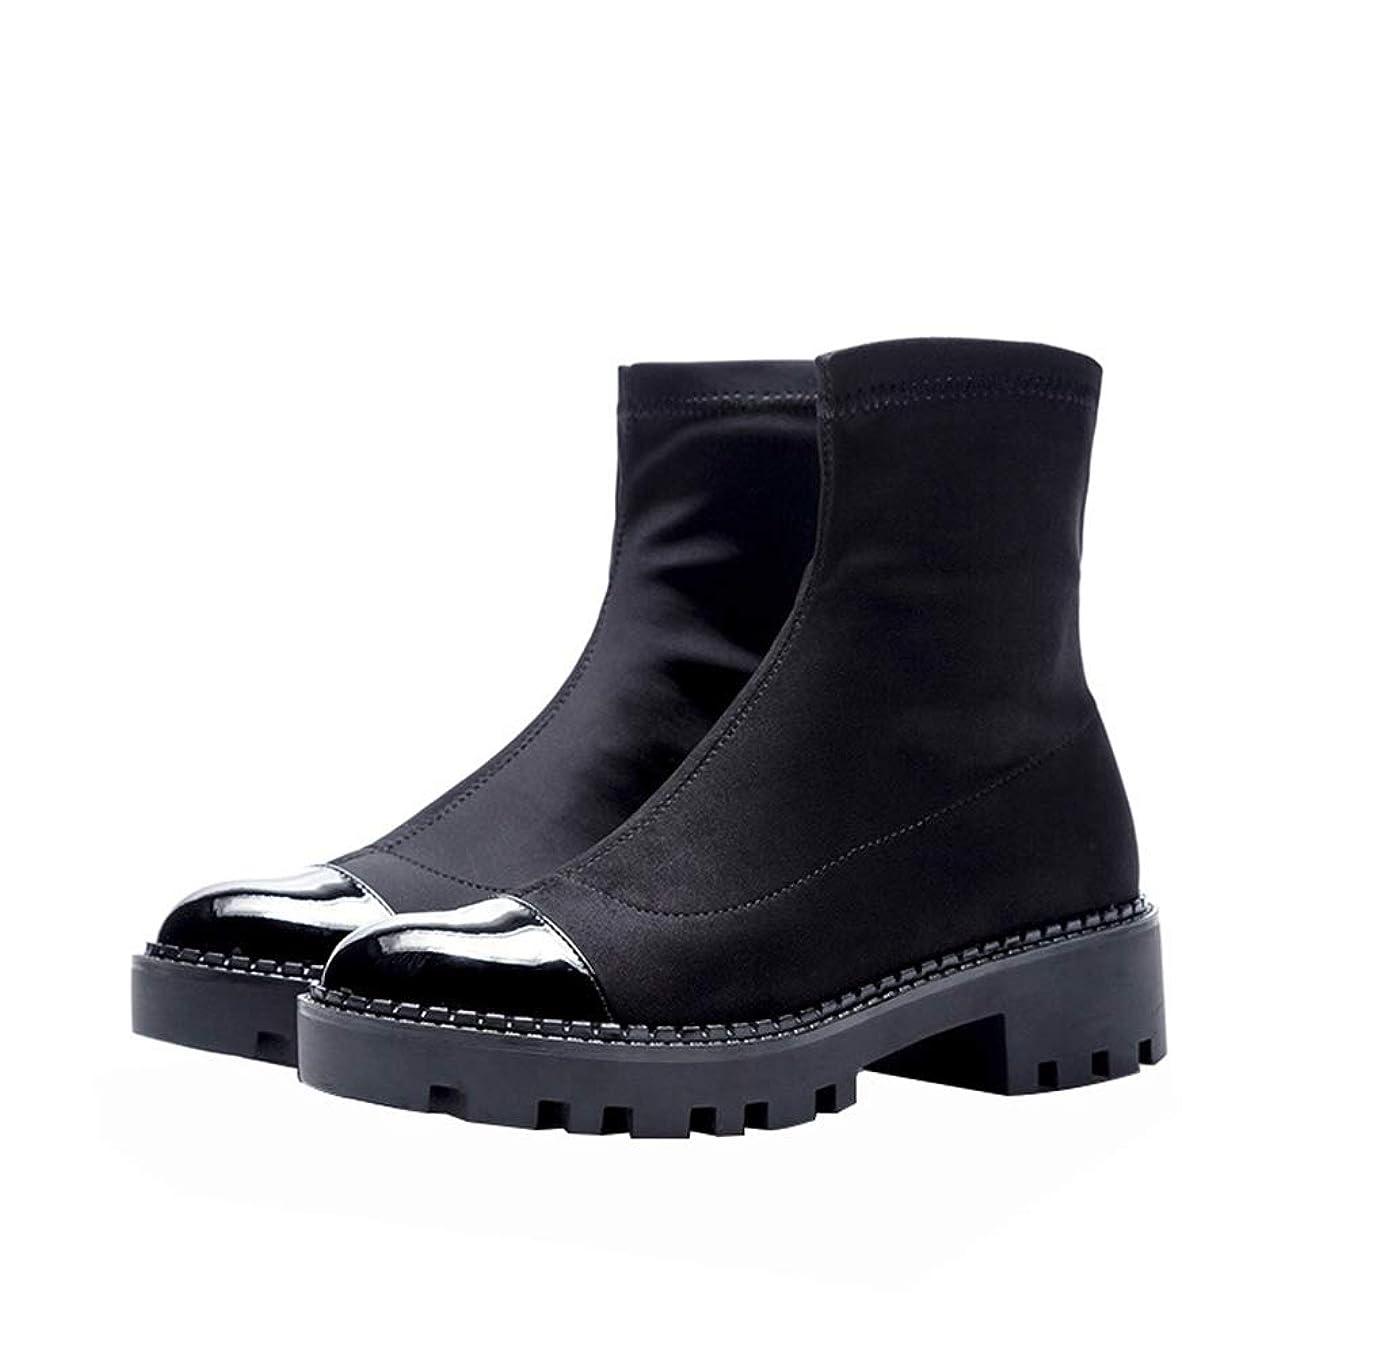 さわやか腕減らす[ツネユウシューズ] ショートブーツ レディース ブーティ ヒール チャンキーヒール ヒールブーツ ブーティー ソックスブーツ 大きいサイズ 靴 ブラック ブーツ 黒 ローヒール 歩きやすい 痛くない ショートブーツ 春ブーティー 25.0cm